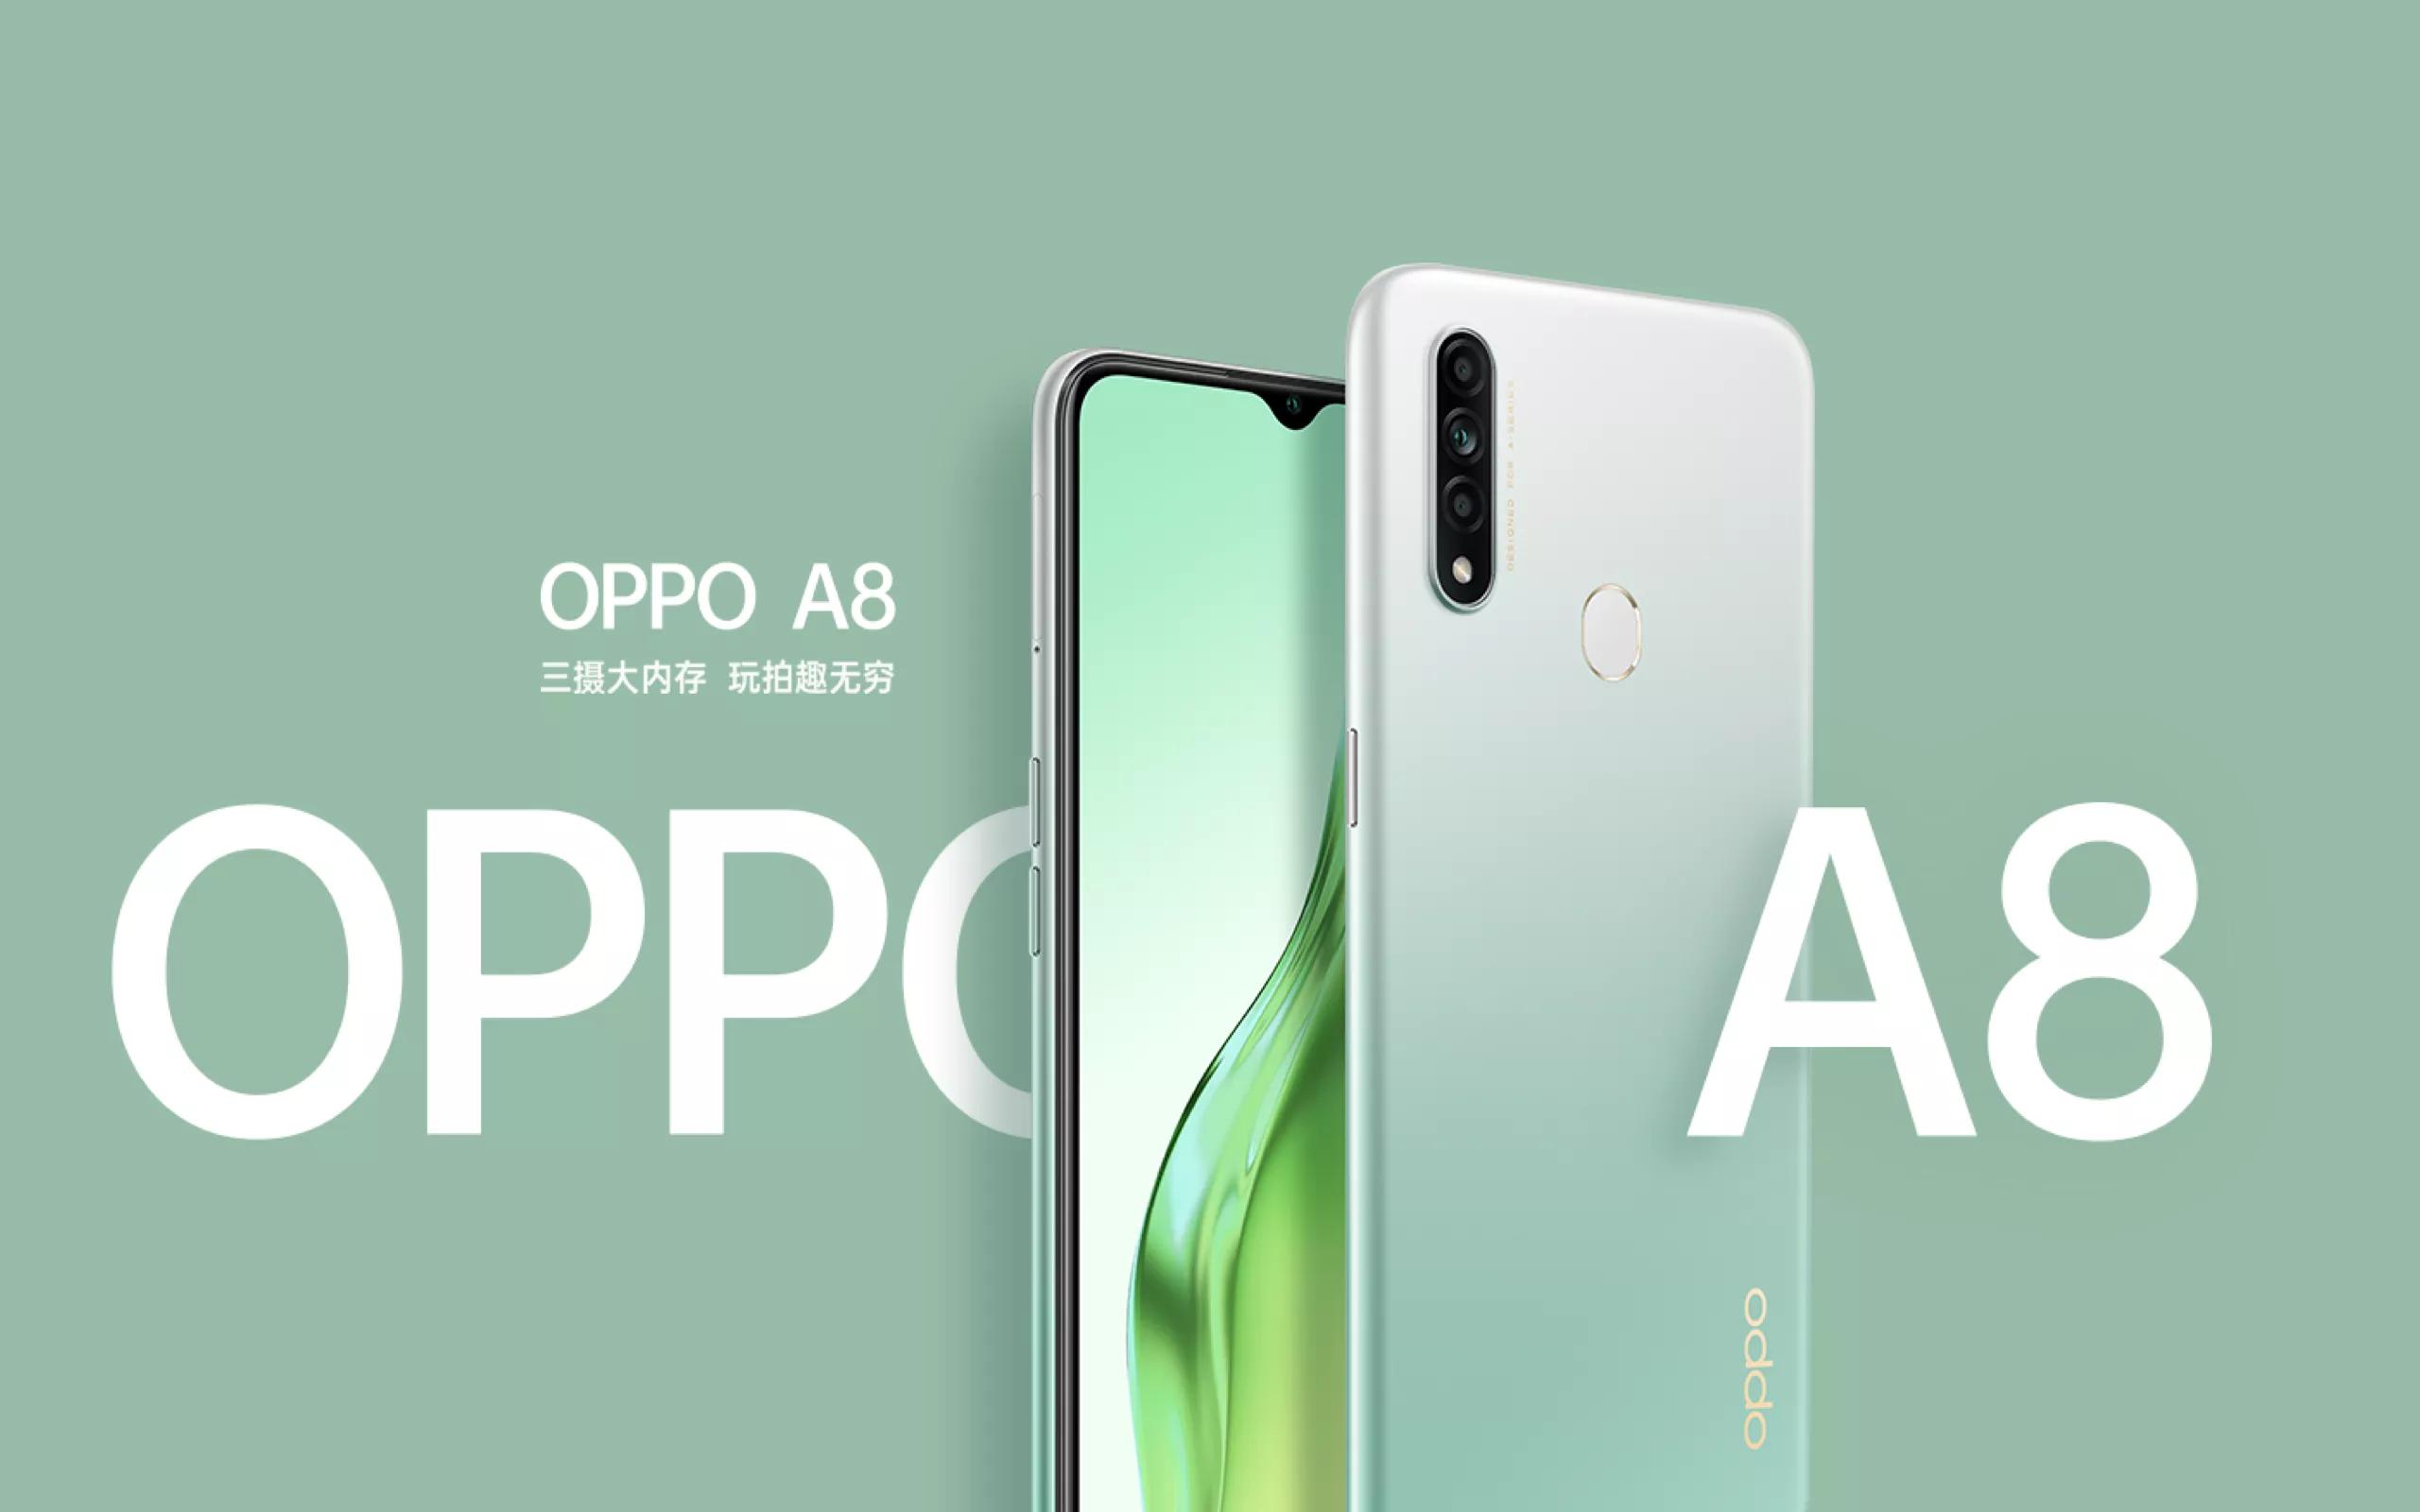 Обзор смартфона Oppo A8 с основными характеристиками